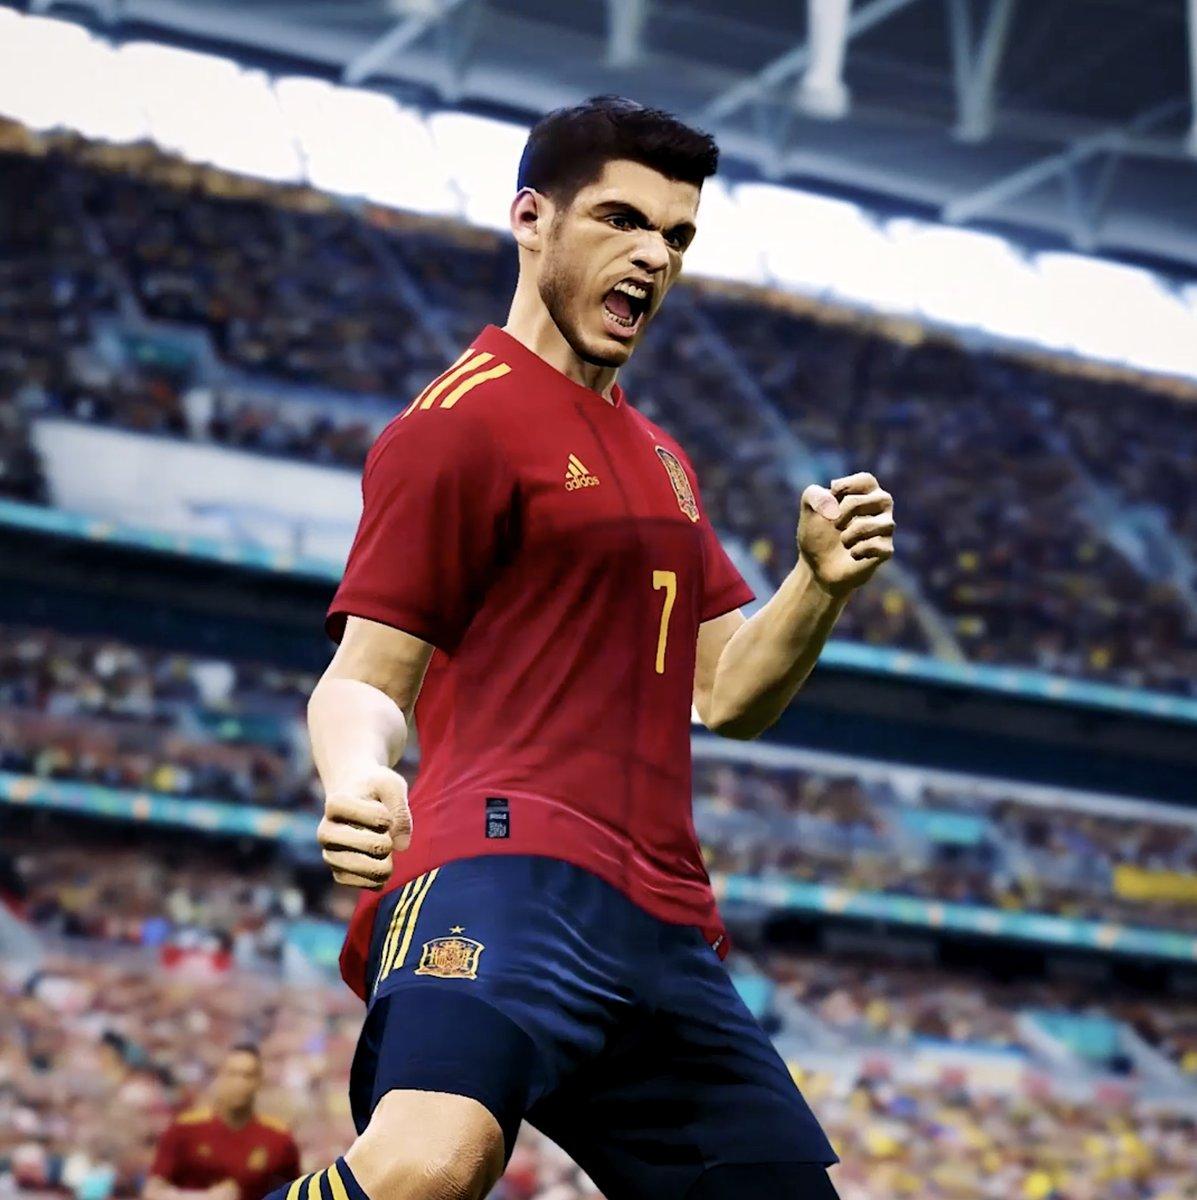 🎮 ¿Juegas al @officialpes? ¿Te gustaría representar a la @SeFutbol en un evento internacional?  😊 ¡¡¡ESTE ES TU MOMENTO!!!  ✍️🏻 Incríbete, PERO YA, en uno de los torneos clasificatorios para participar en la UEFA #eEURO2021.  ℹ️ Toda la información: